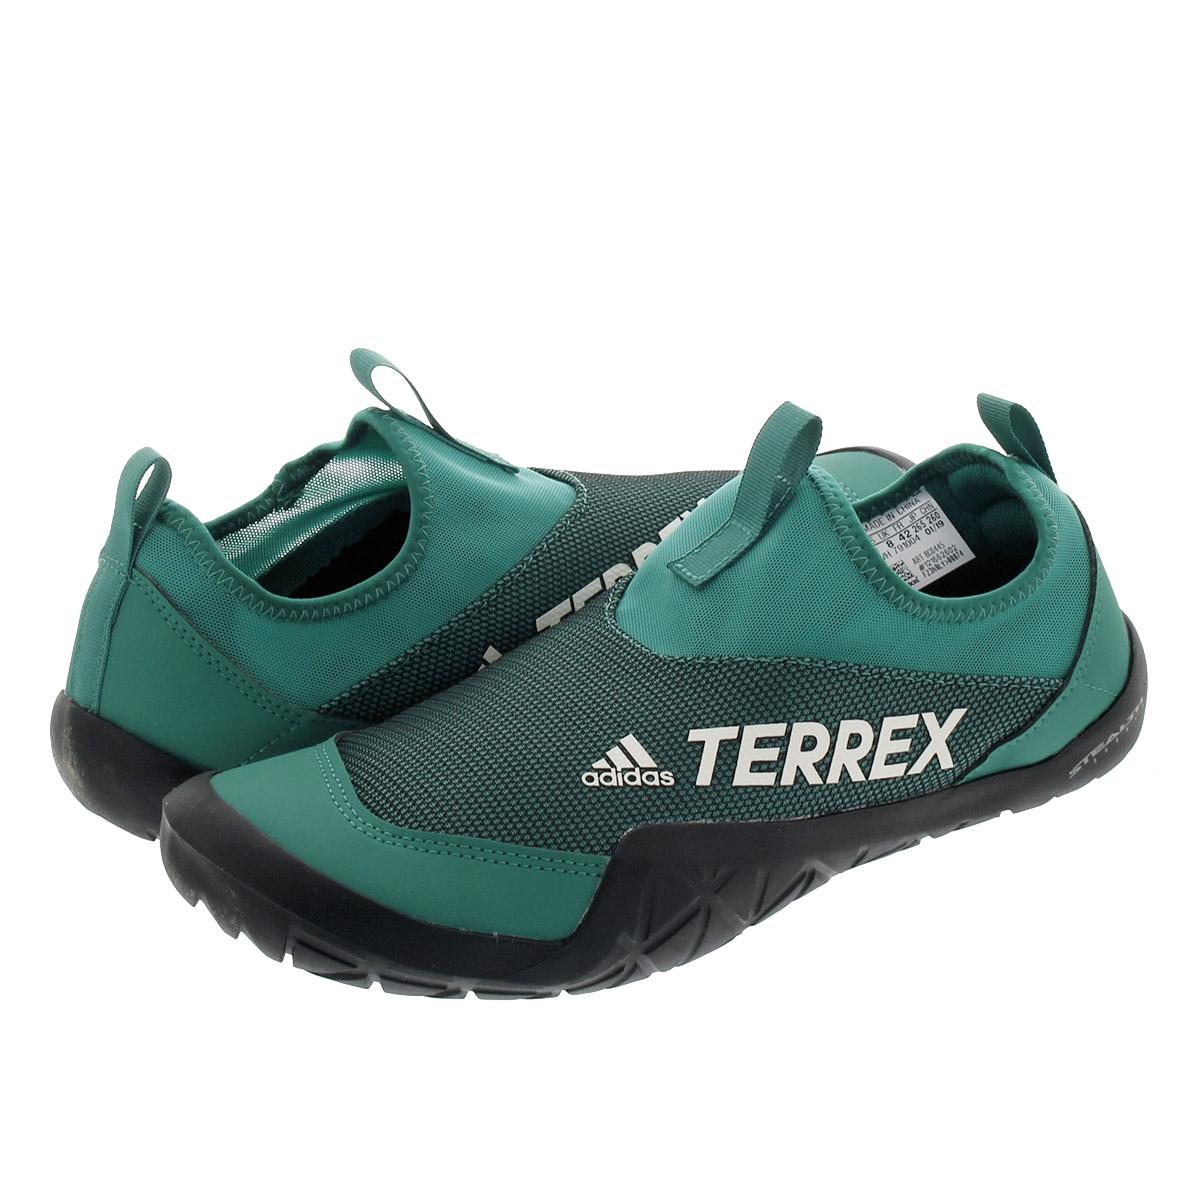 adidas TERREX CC JAWPAW アディダス